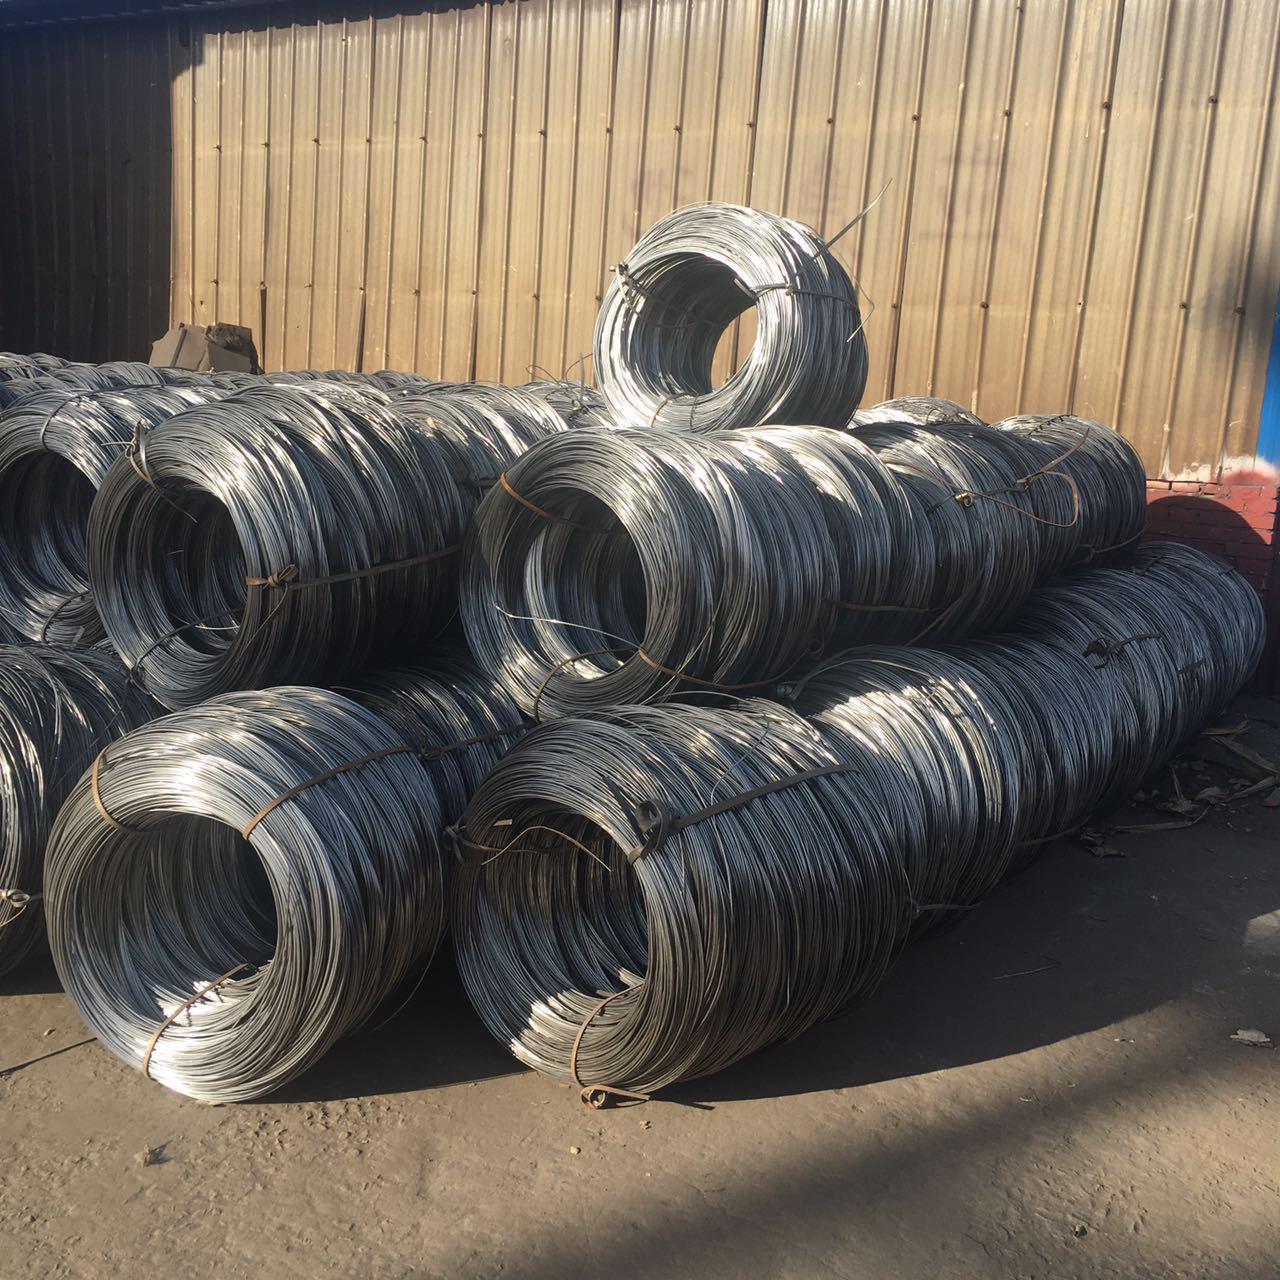 Dây kim loại Nhà máy dây trực tiếp 8-22 dây sắt mạ kẽm dây thép mạ kẽm dây đứt dây cường độ tùy chỉn